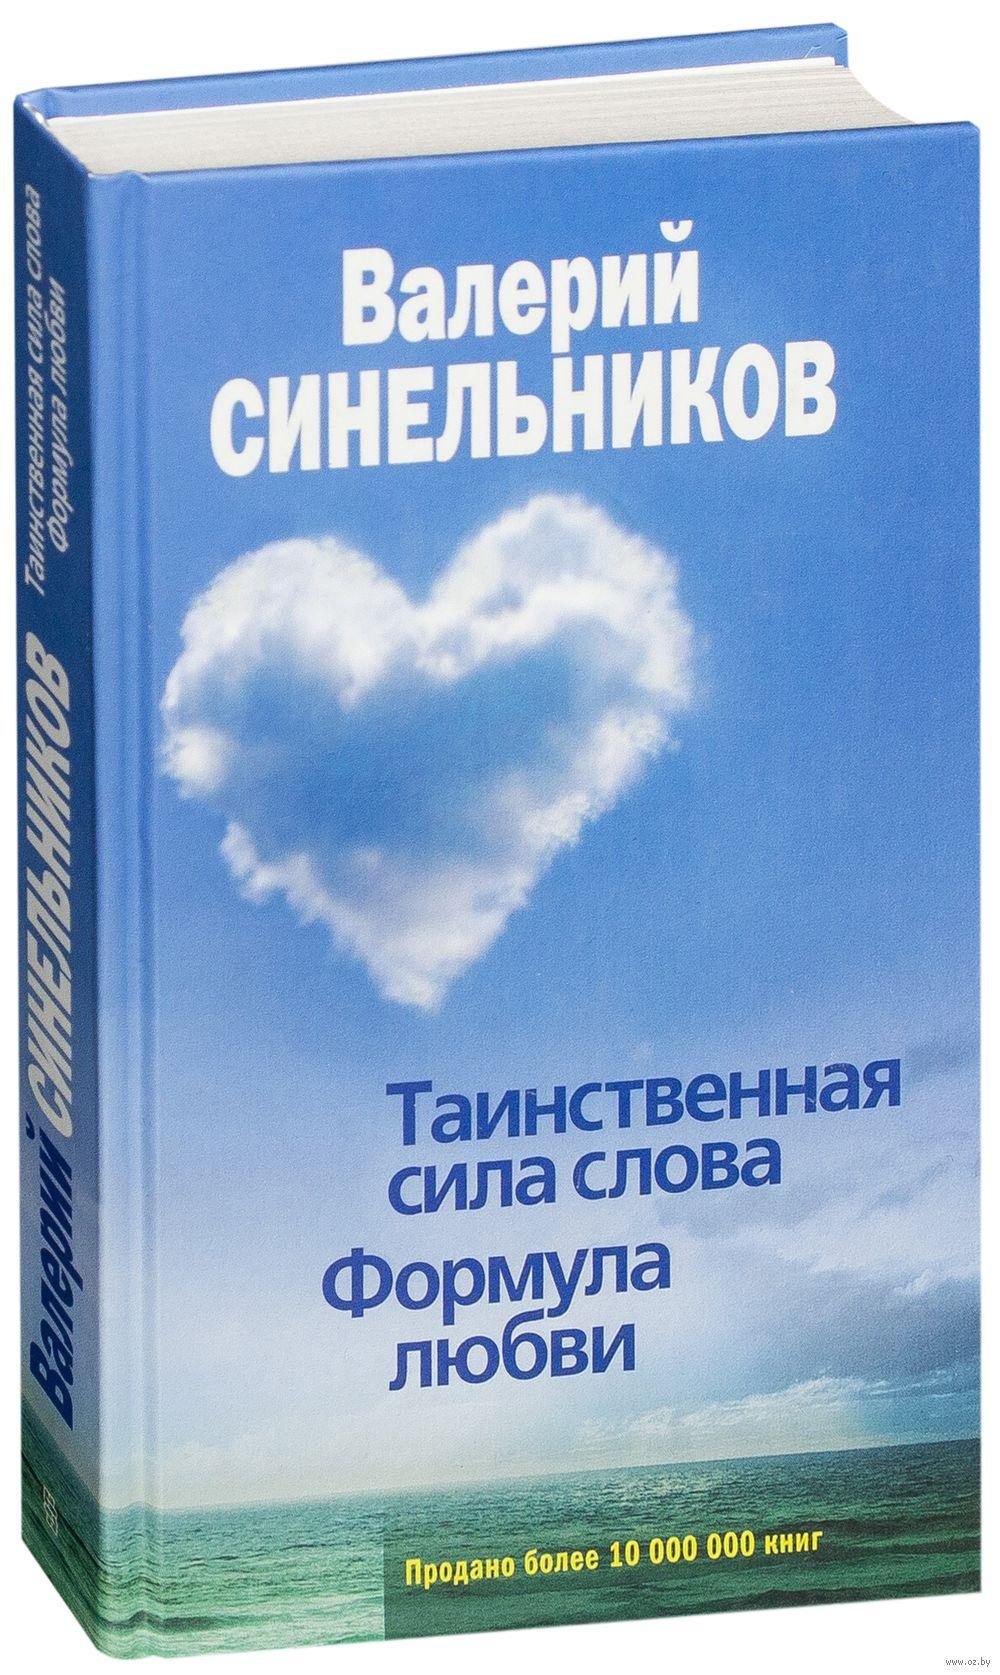 Книга о таинственной силе слова скачать бесплатно